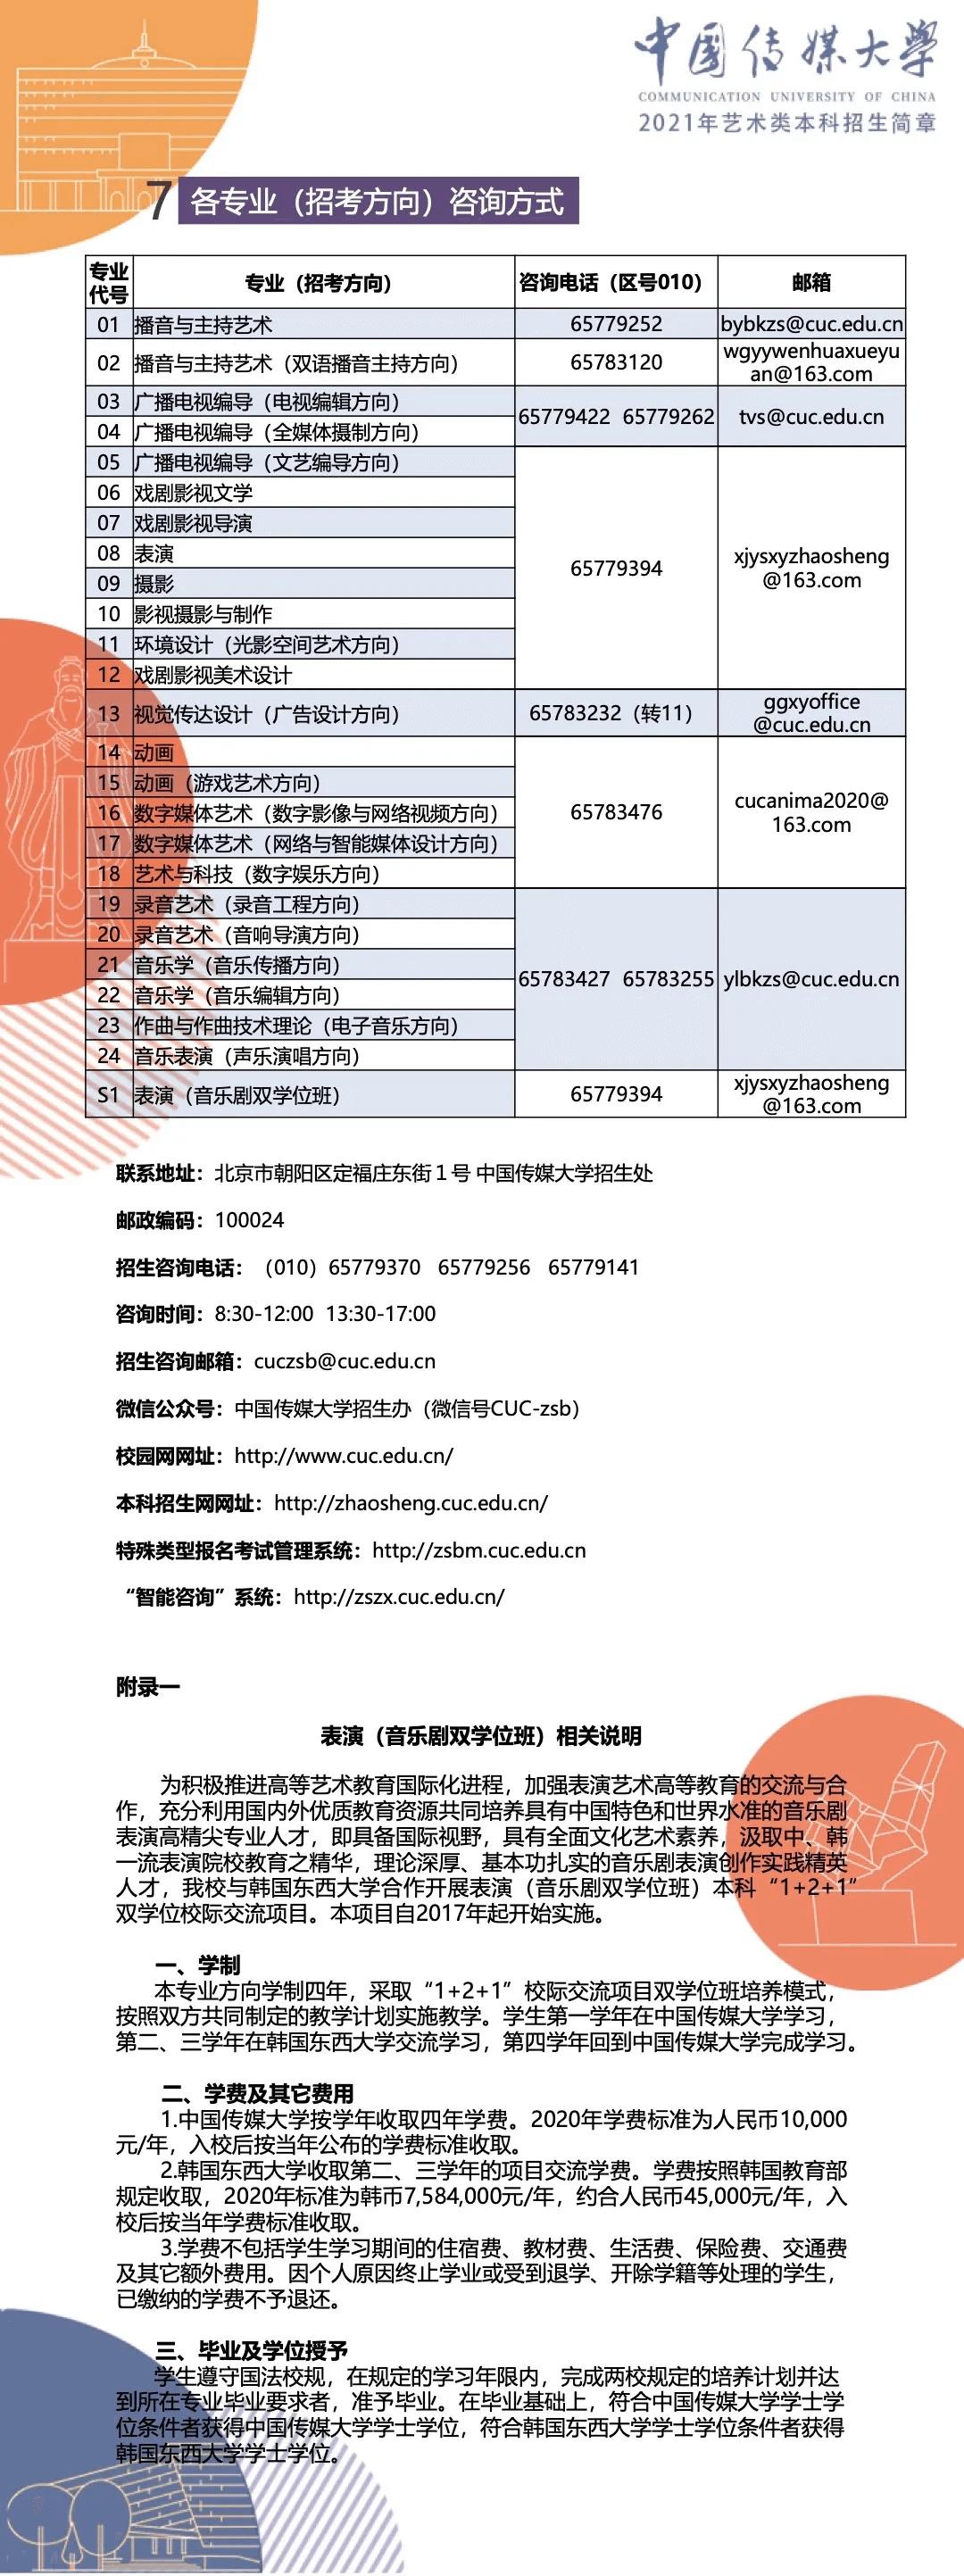 中国传媒大学,艺术类招生,美术艺考